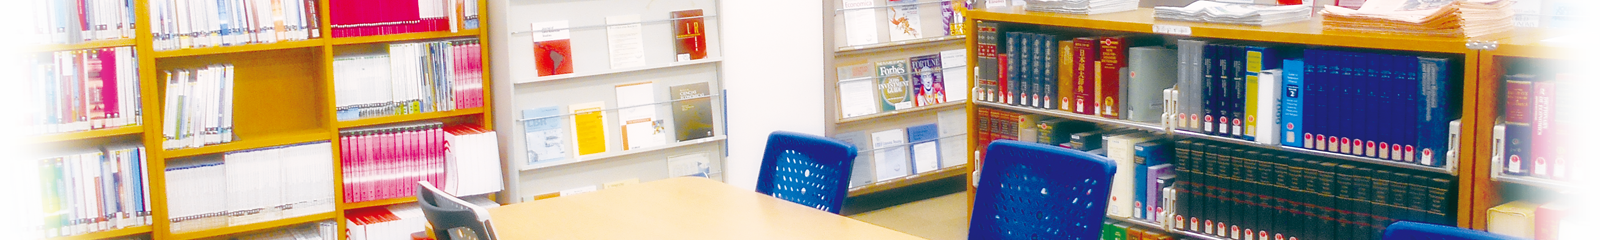 経済経営研究所図書館イメージ